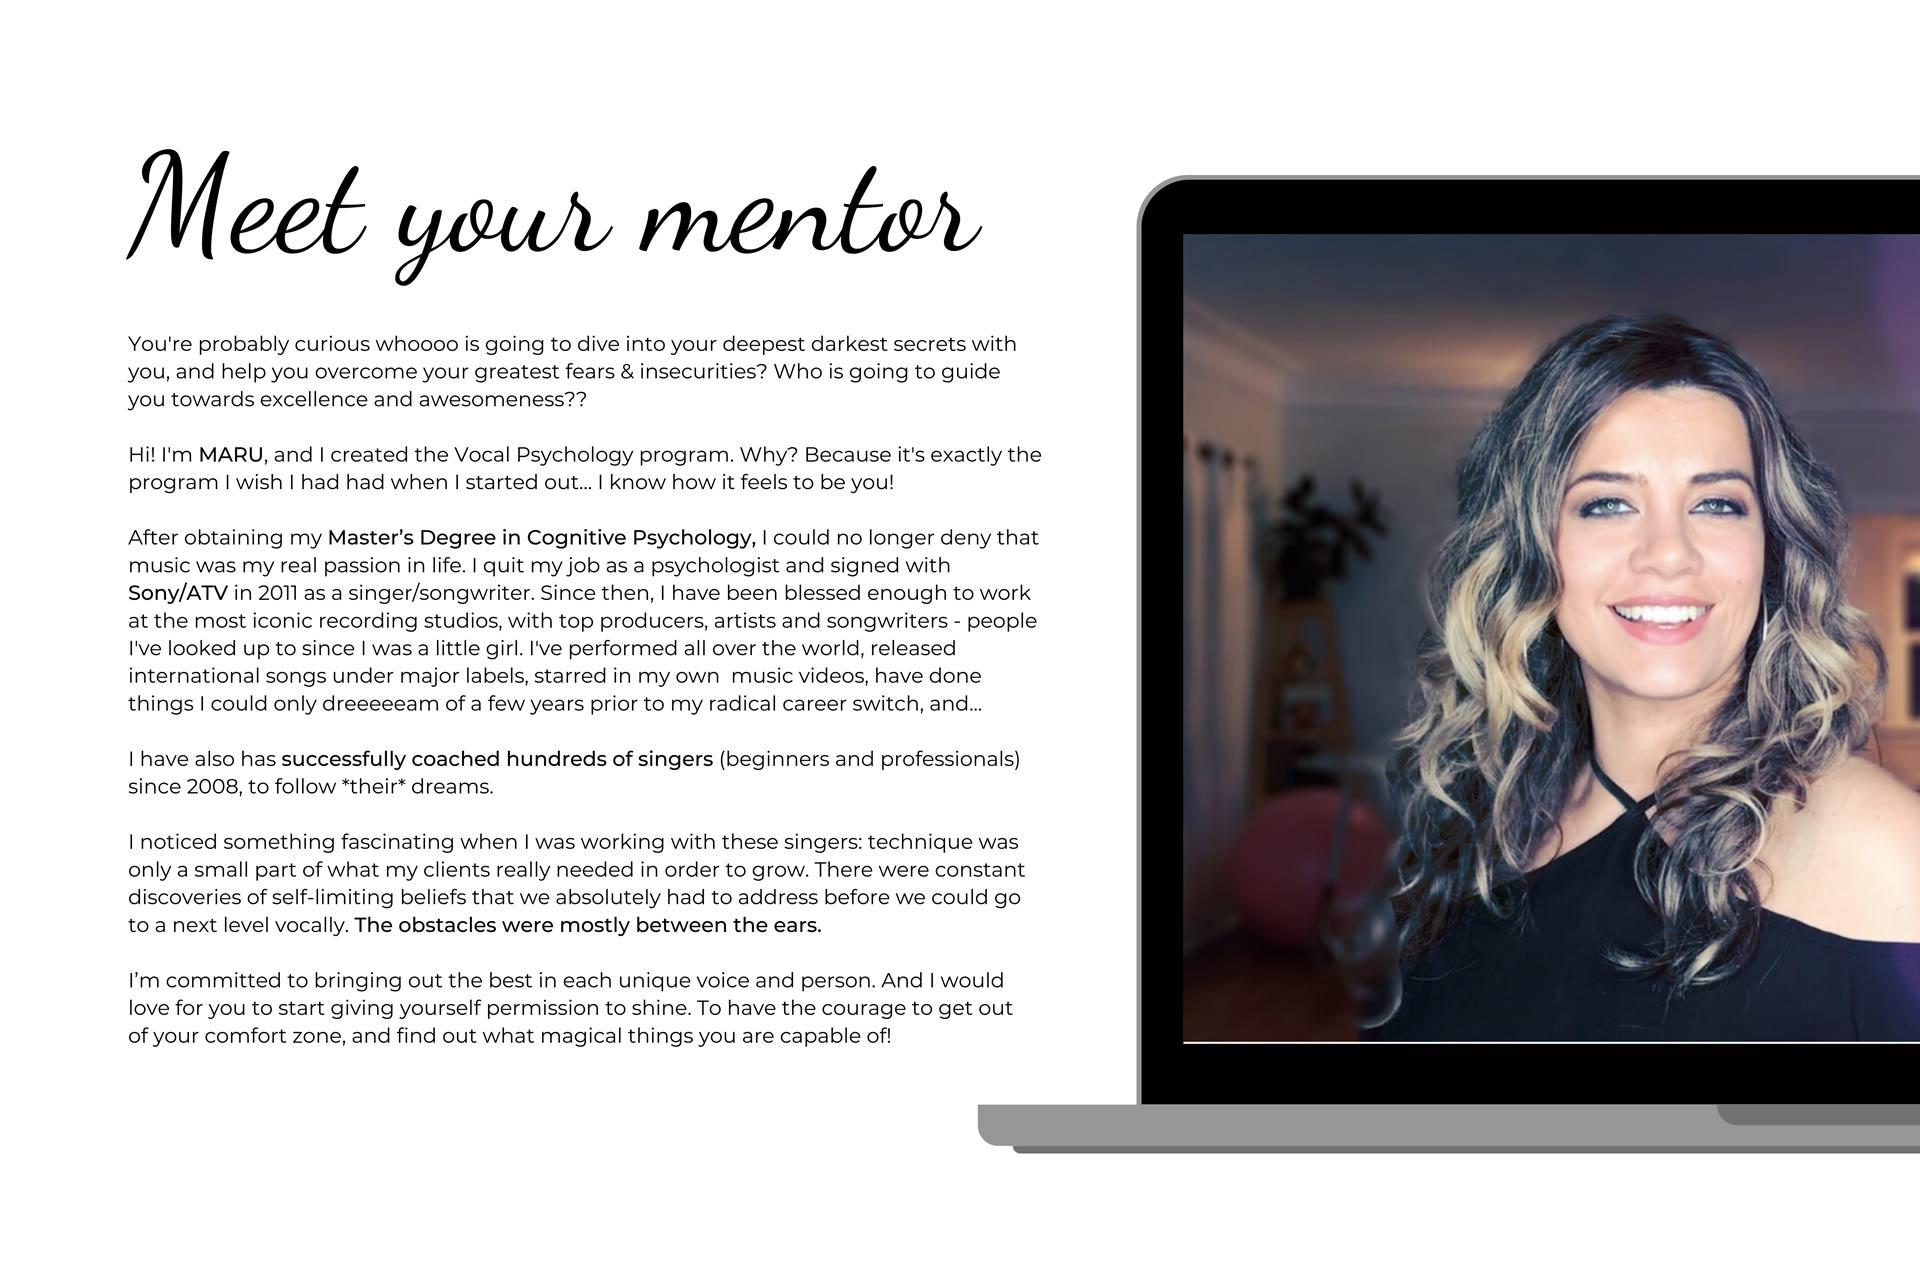 Online Singing/Vocal Mentor